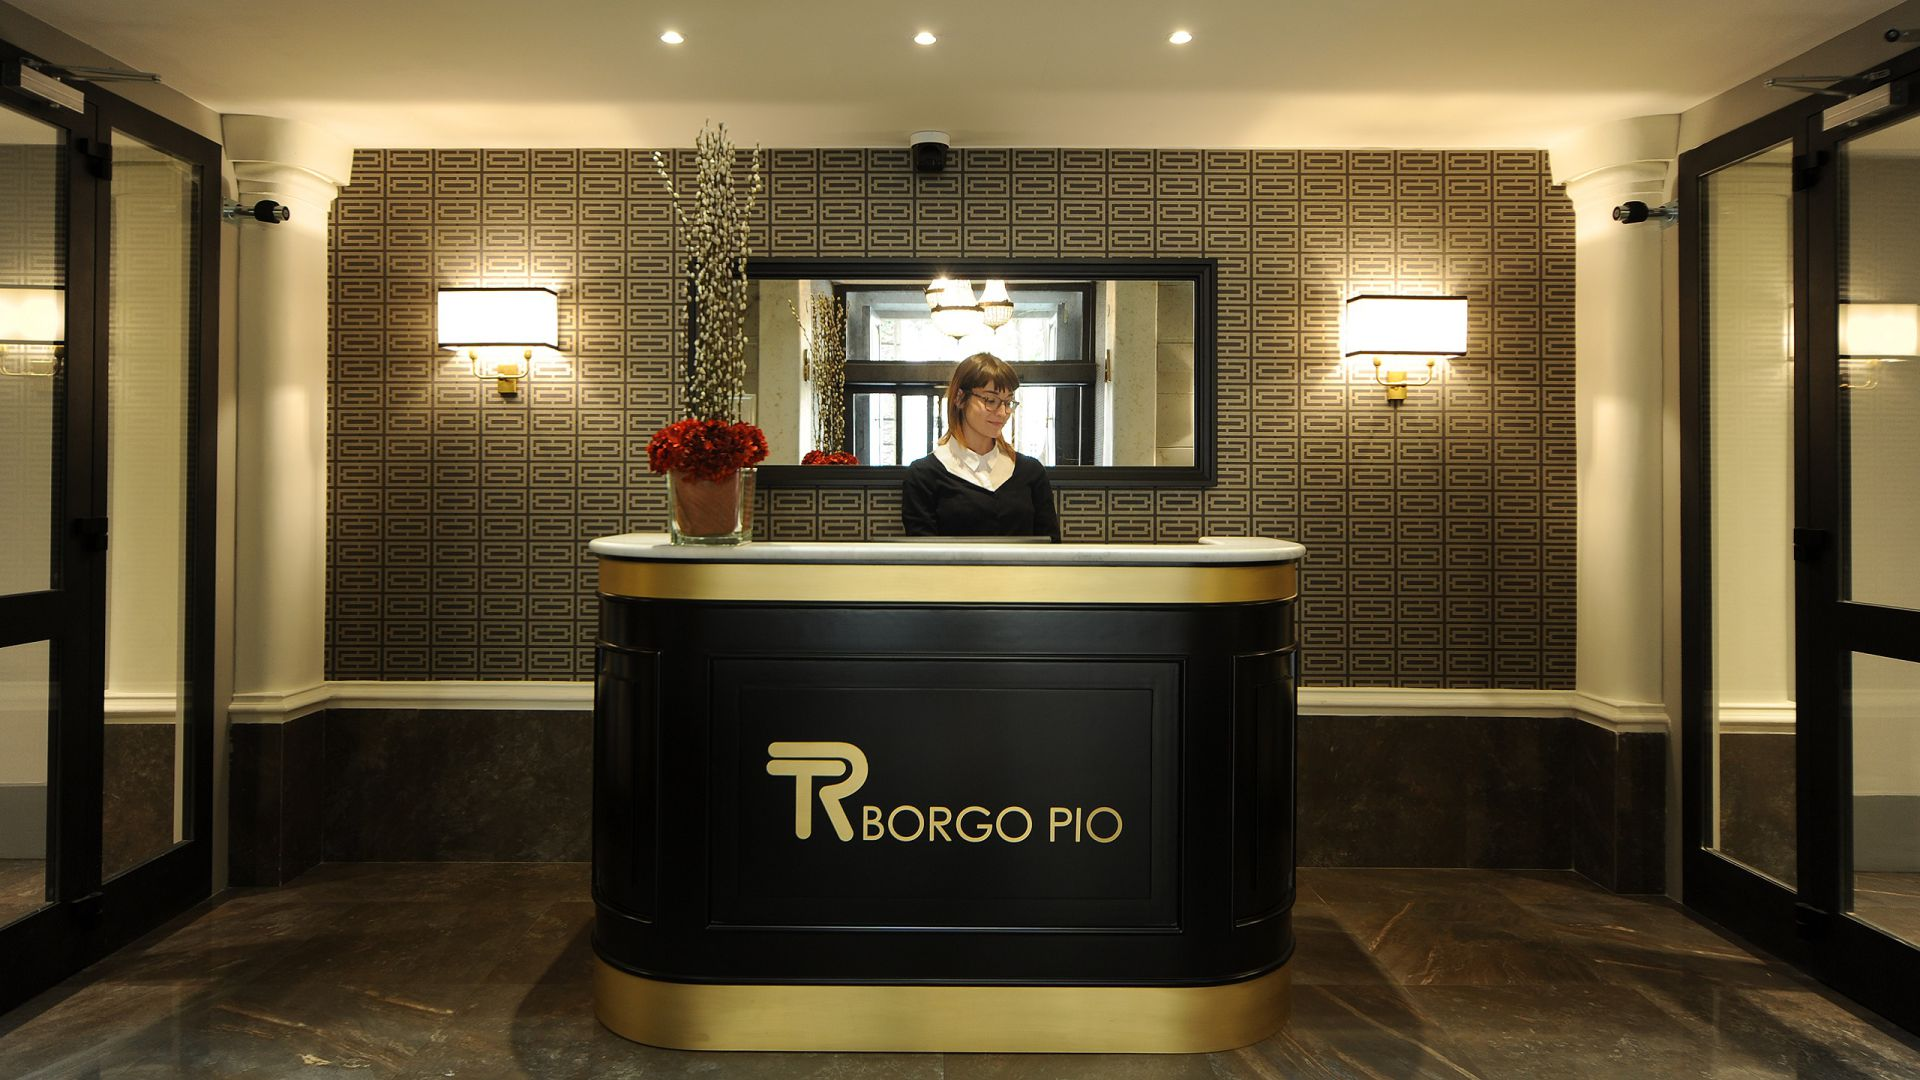 trianon-borgo-pio-roma-reception-3